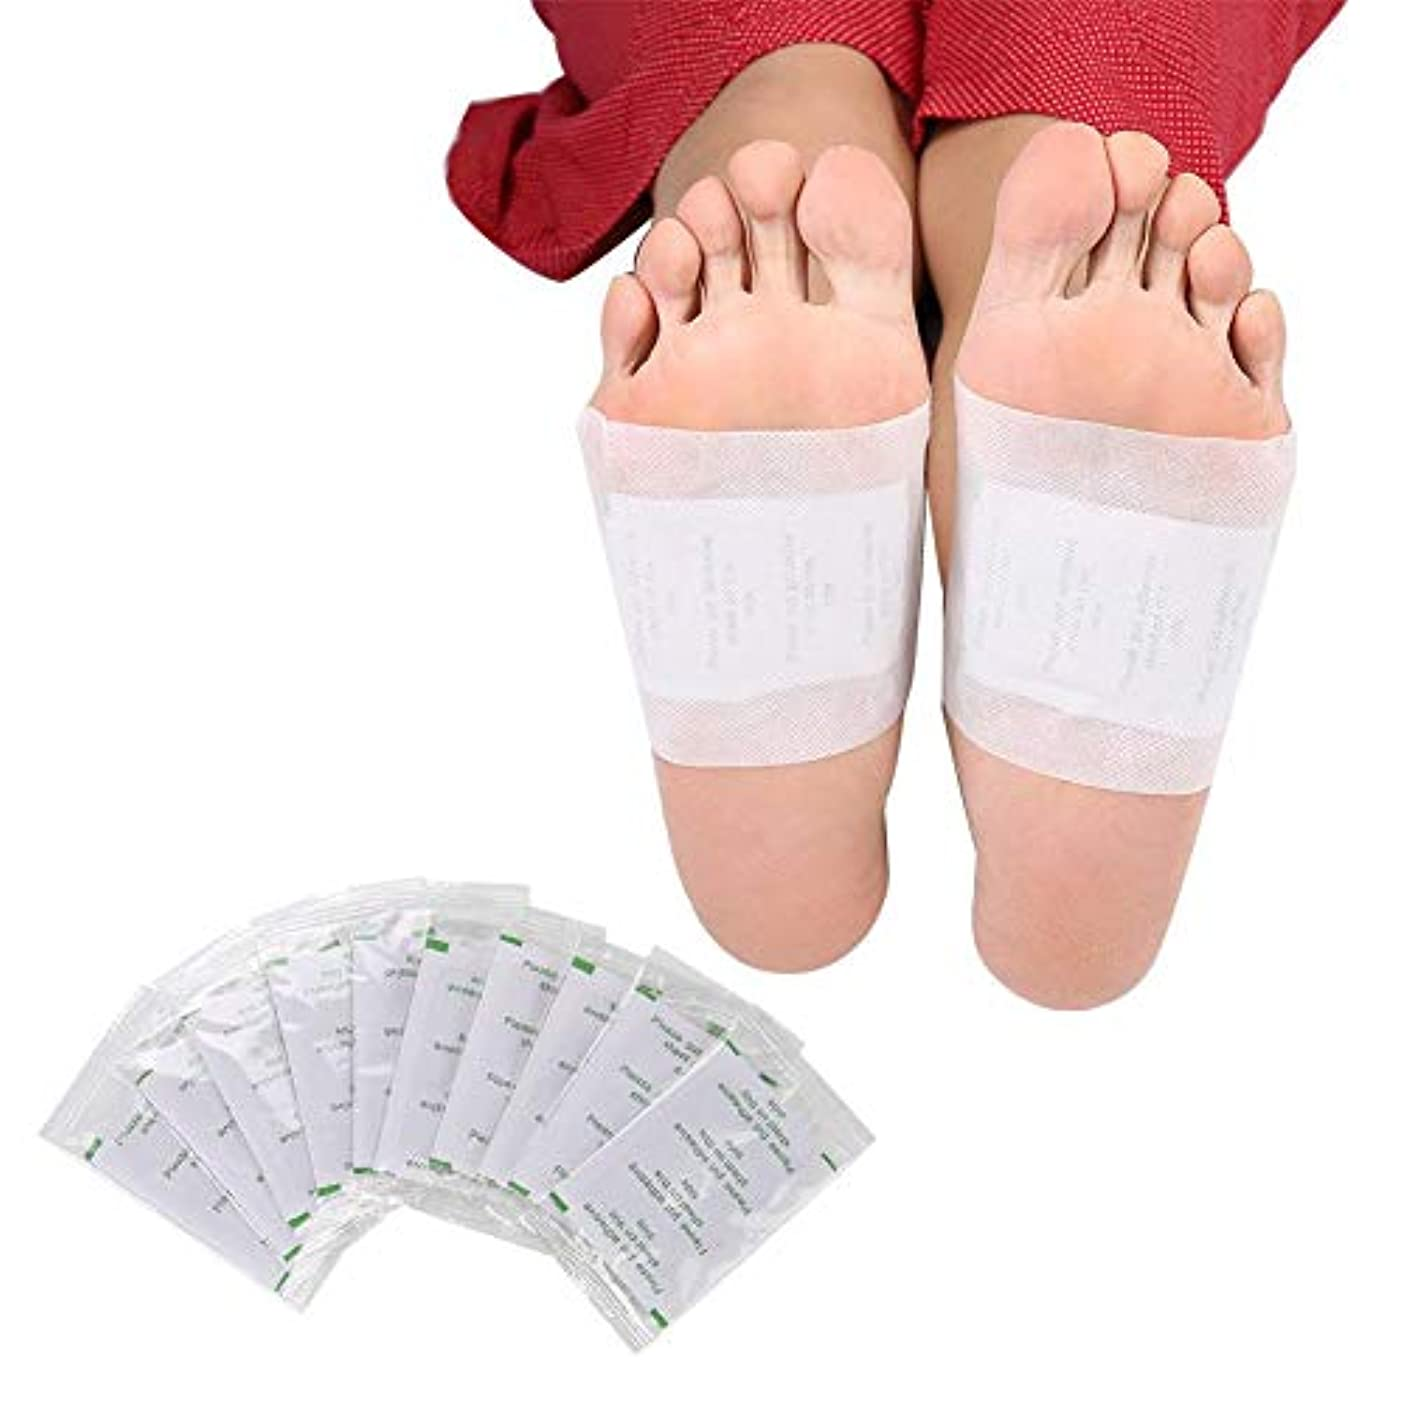 未接続免疫する火山学ボディデトックスフットパッチ、女性と男性の看護の足に最適なヘルスケアフット接着パッド除去毒素ストレス回復